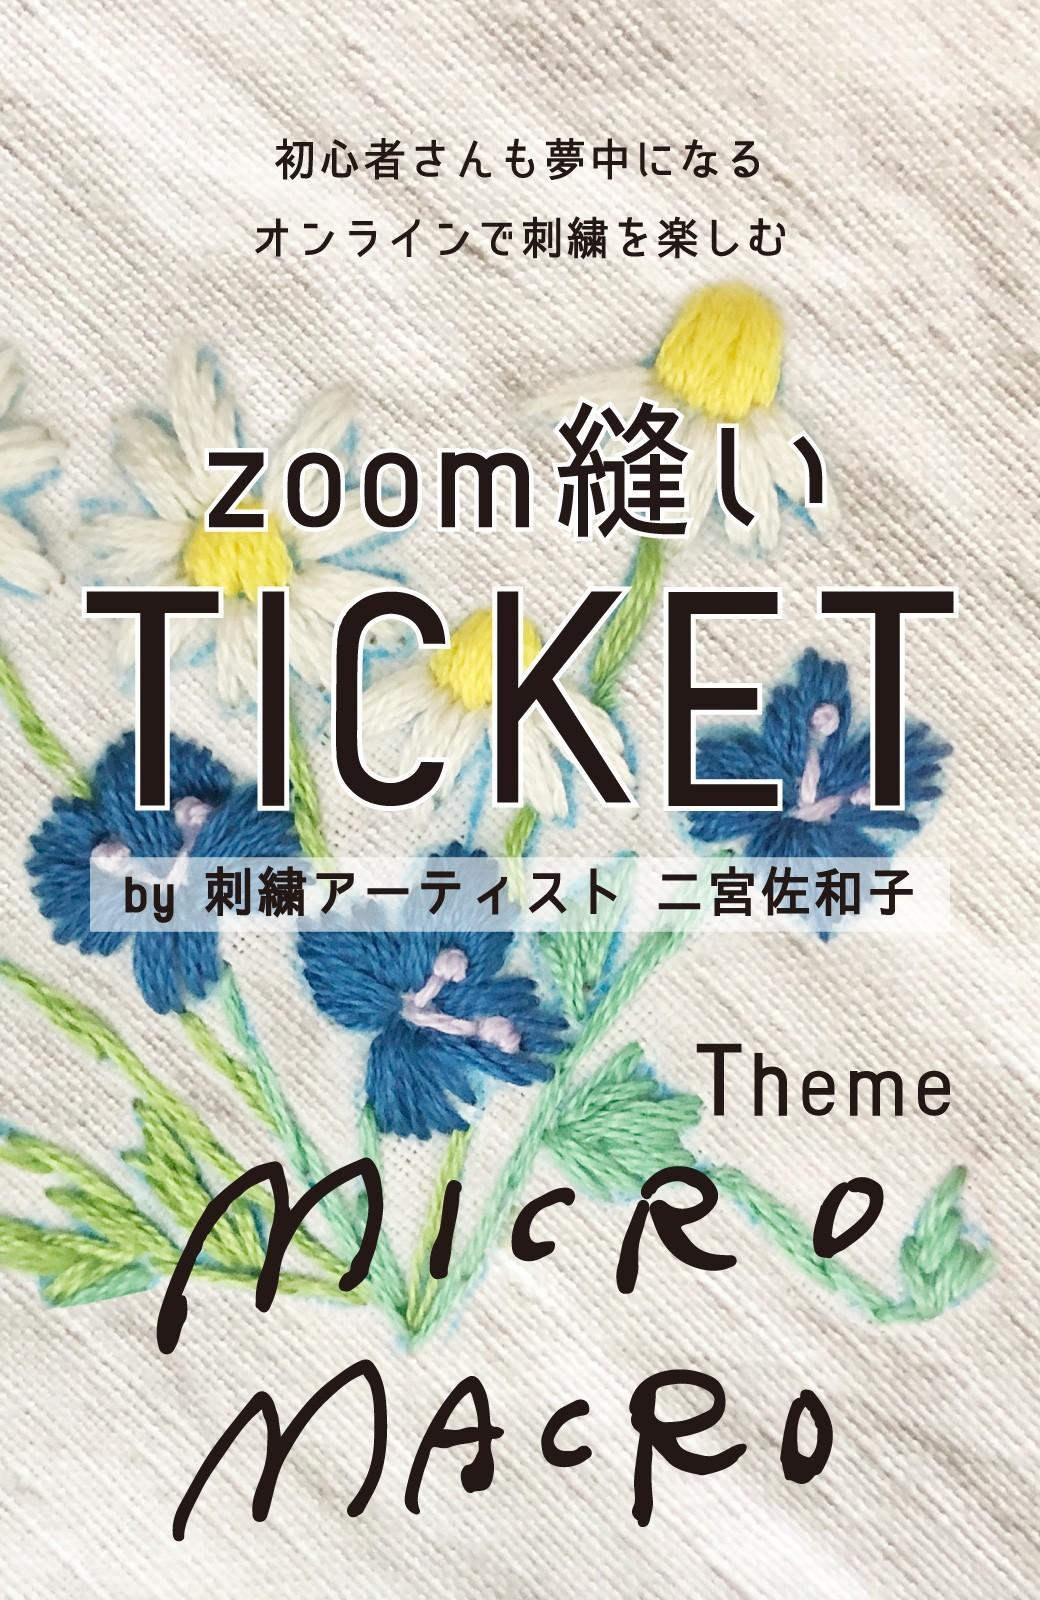 haco! haco! [haco! POST] 刺繍アーティスト二宮佐和子さんとみんなでワイワイ刺繍!zoom縫いワークショップ参加チケット 6/21・6/24開催<micro macro> <その他>の商品写真1